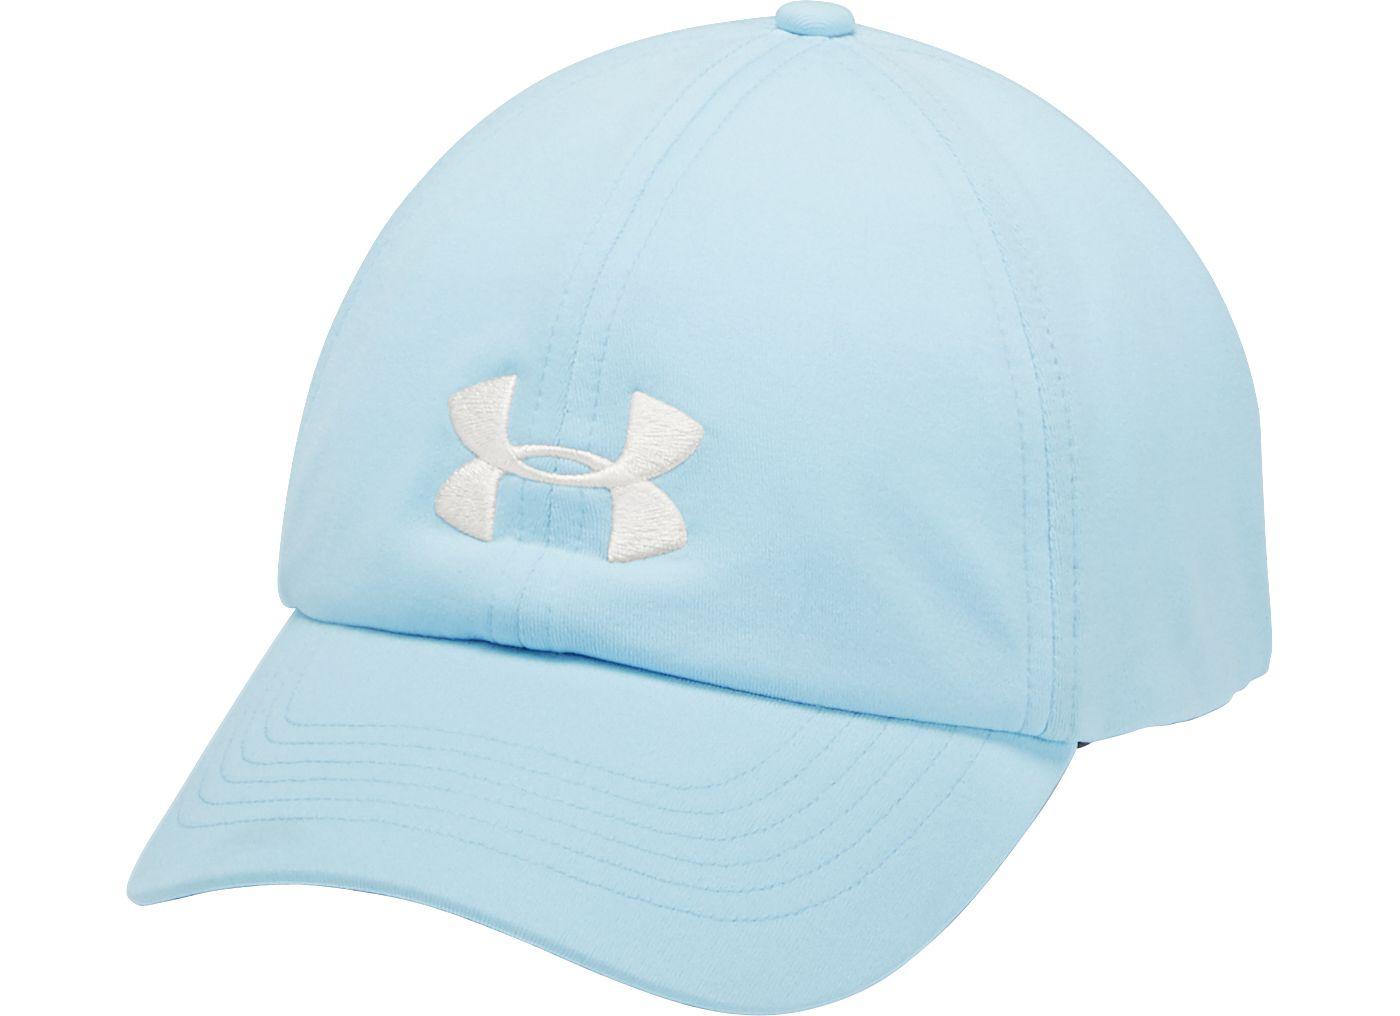 Under Armour Women's Threadborne Renegade Hat